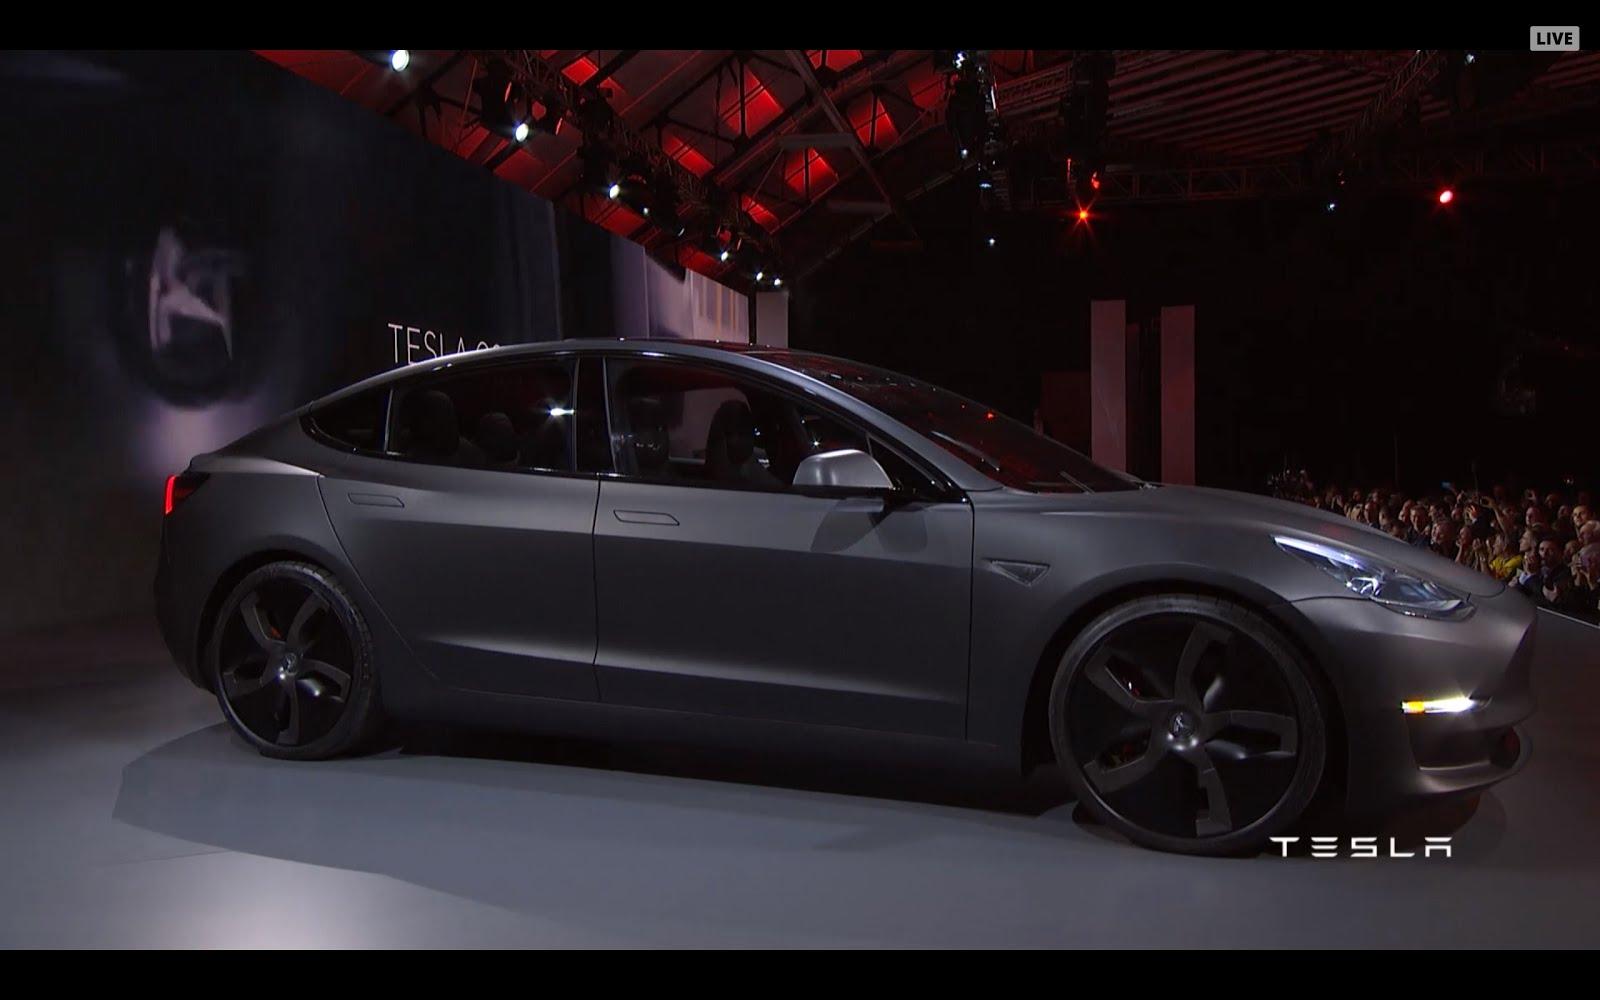 Il Disinformatico: Tesla Model 3, l'auto elettrica che si vende come on